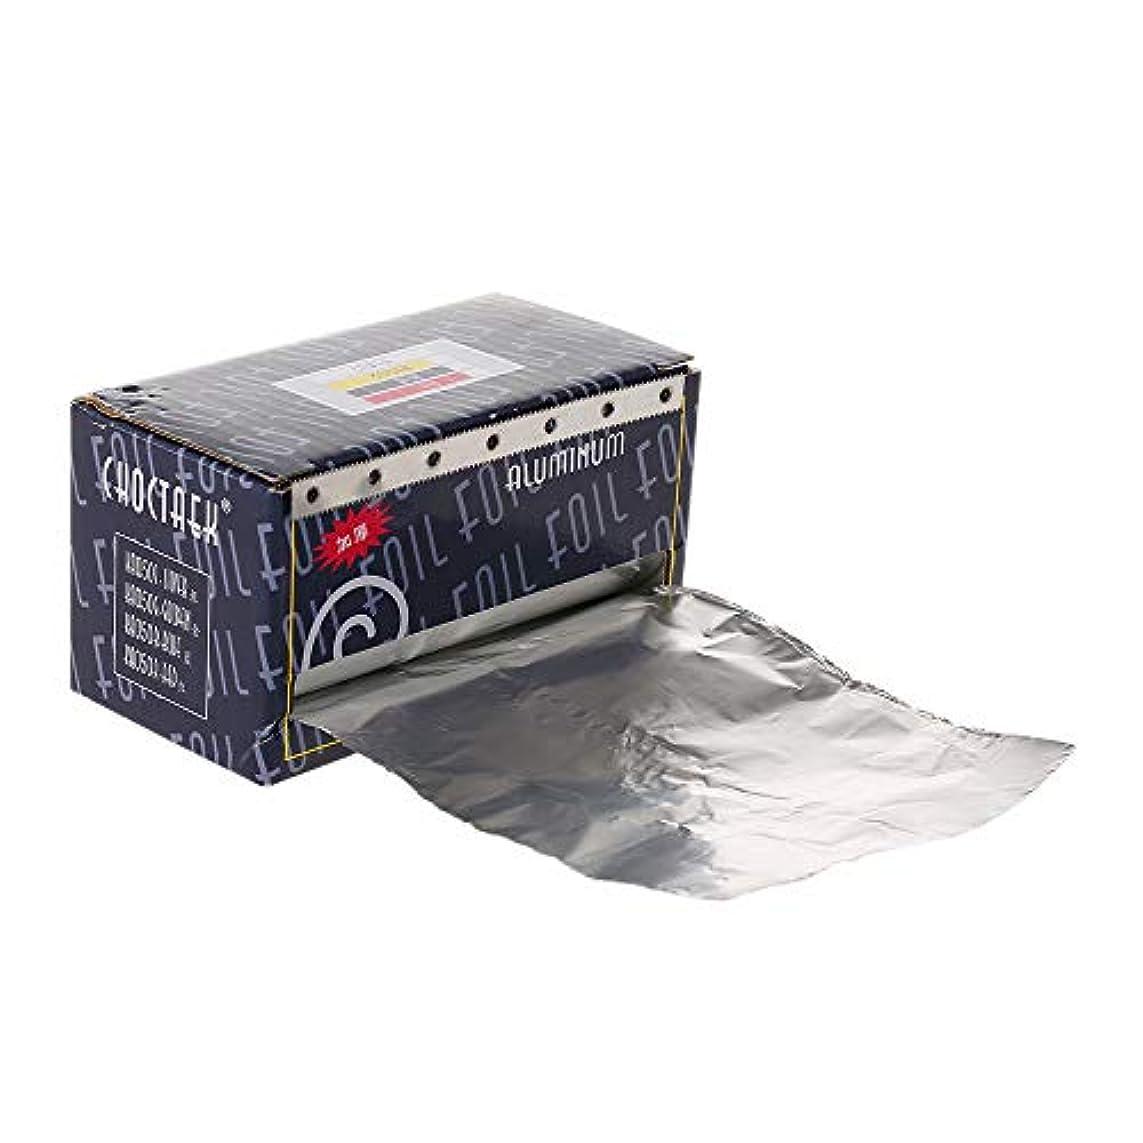 昼寝プロジェクター傾くDecdeal ヘア/ネイル用 錫箔紙 理髪用品用アルミ箔 ヘアサロンツール ヘアパーマヘアスタイリング着色